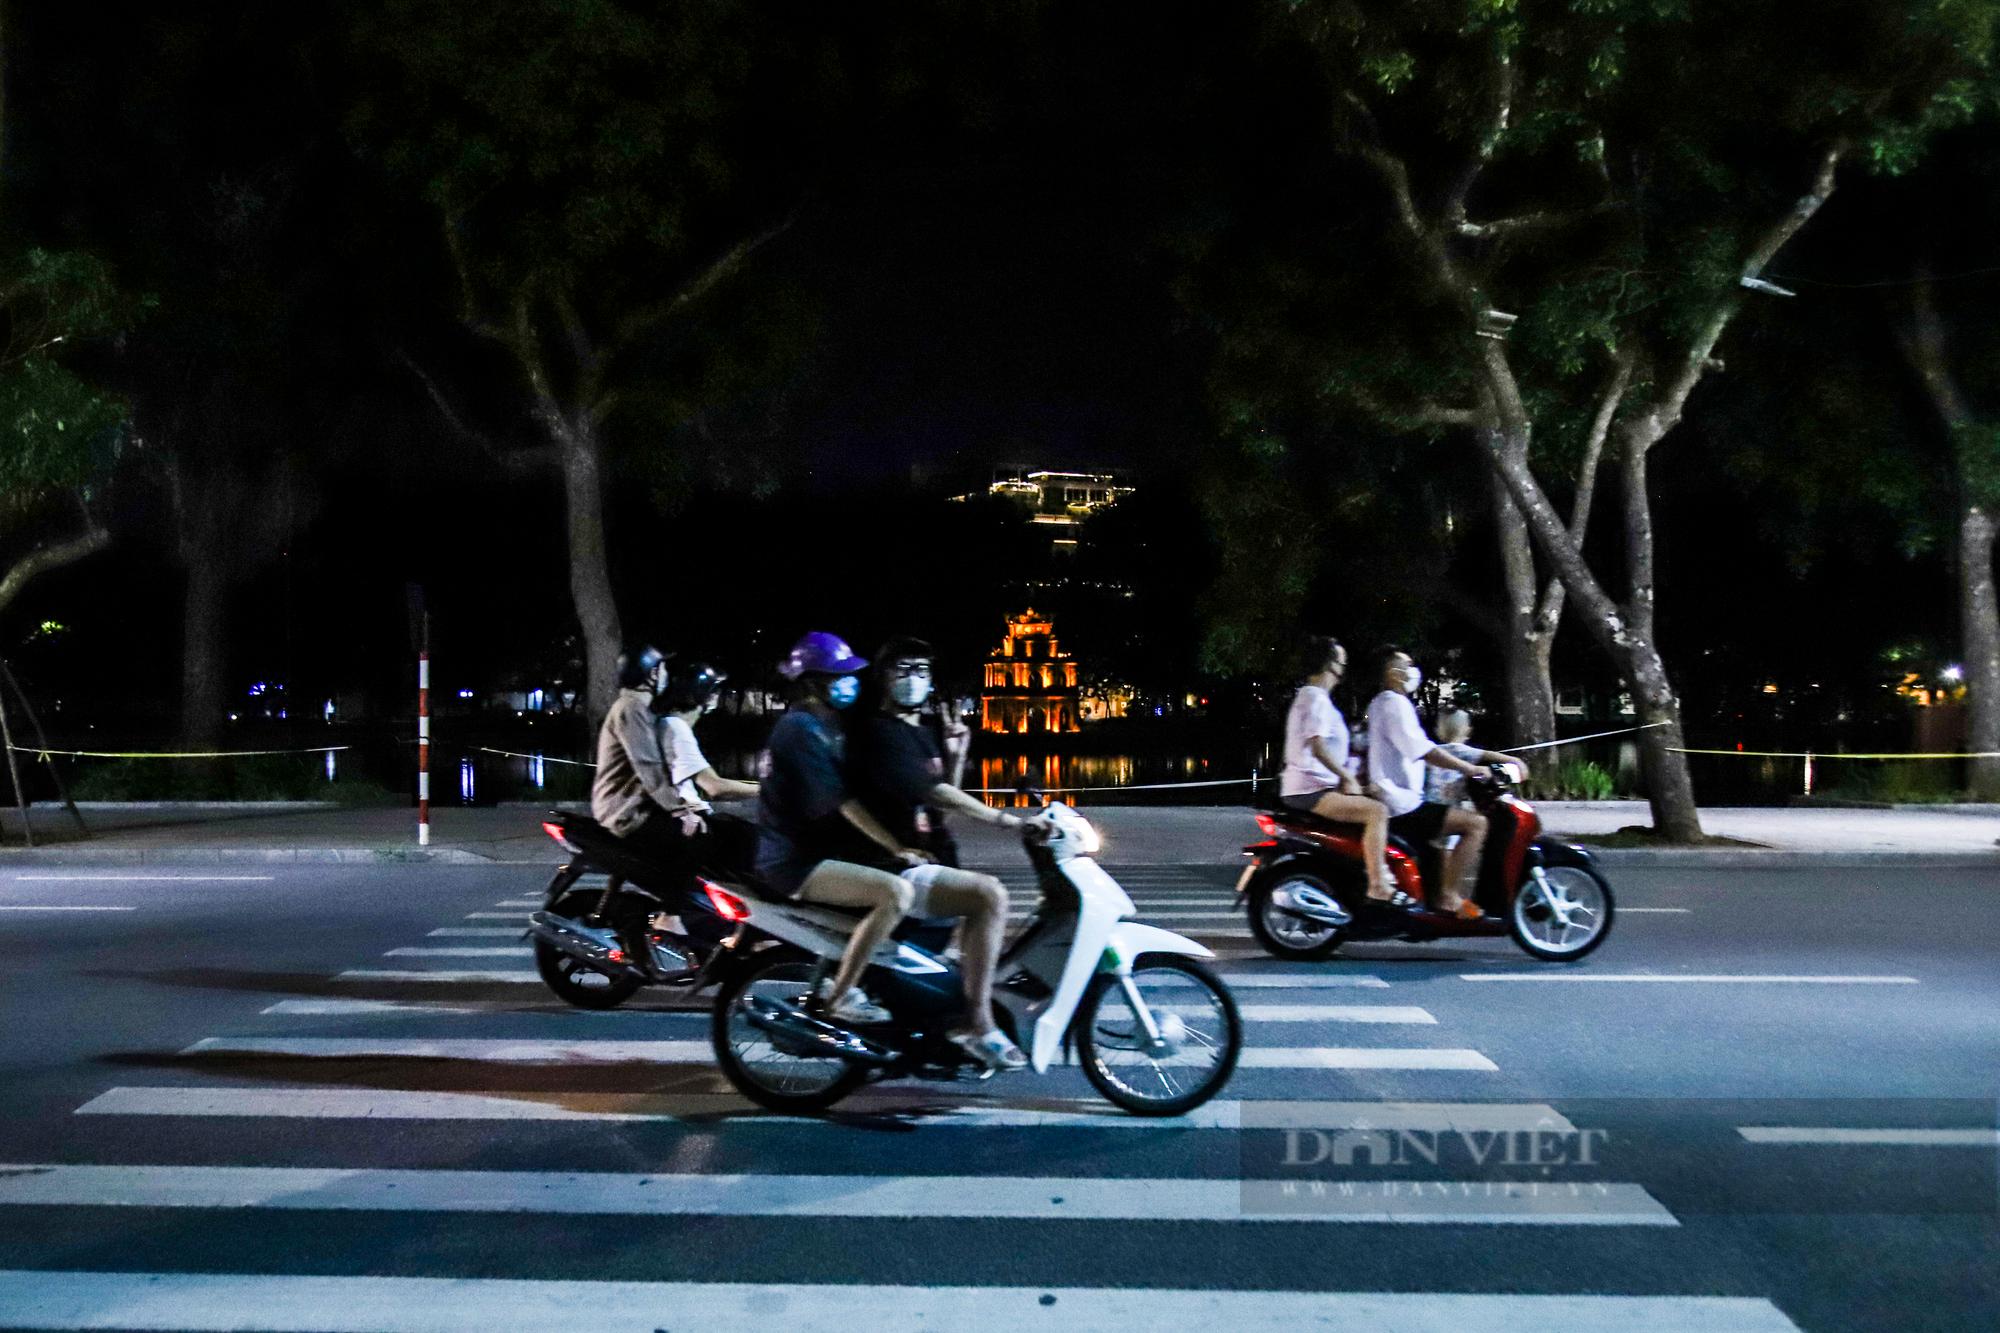 Ngày giãn cách cuối cùng, người dân rủ nhau lên phố cổ dạo chơi đêm trung thu - Ảnh 13.